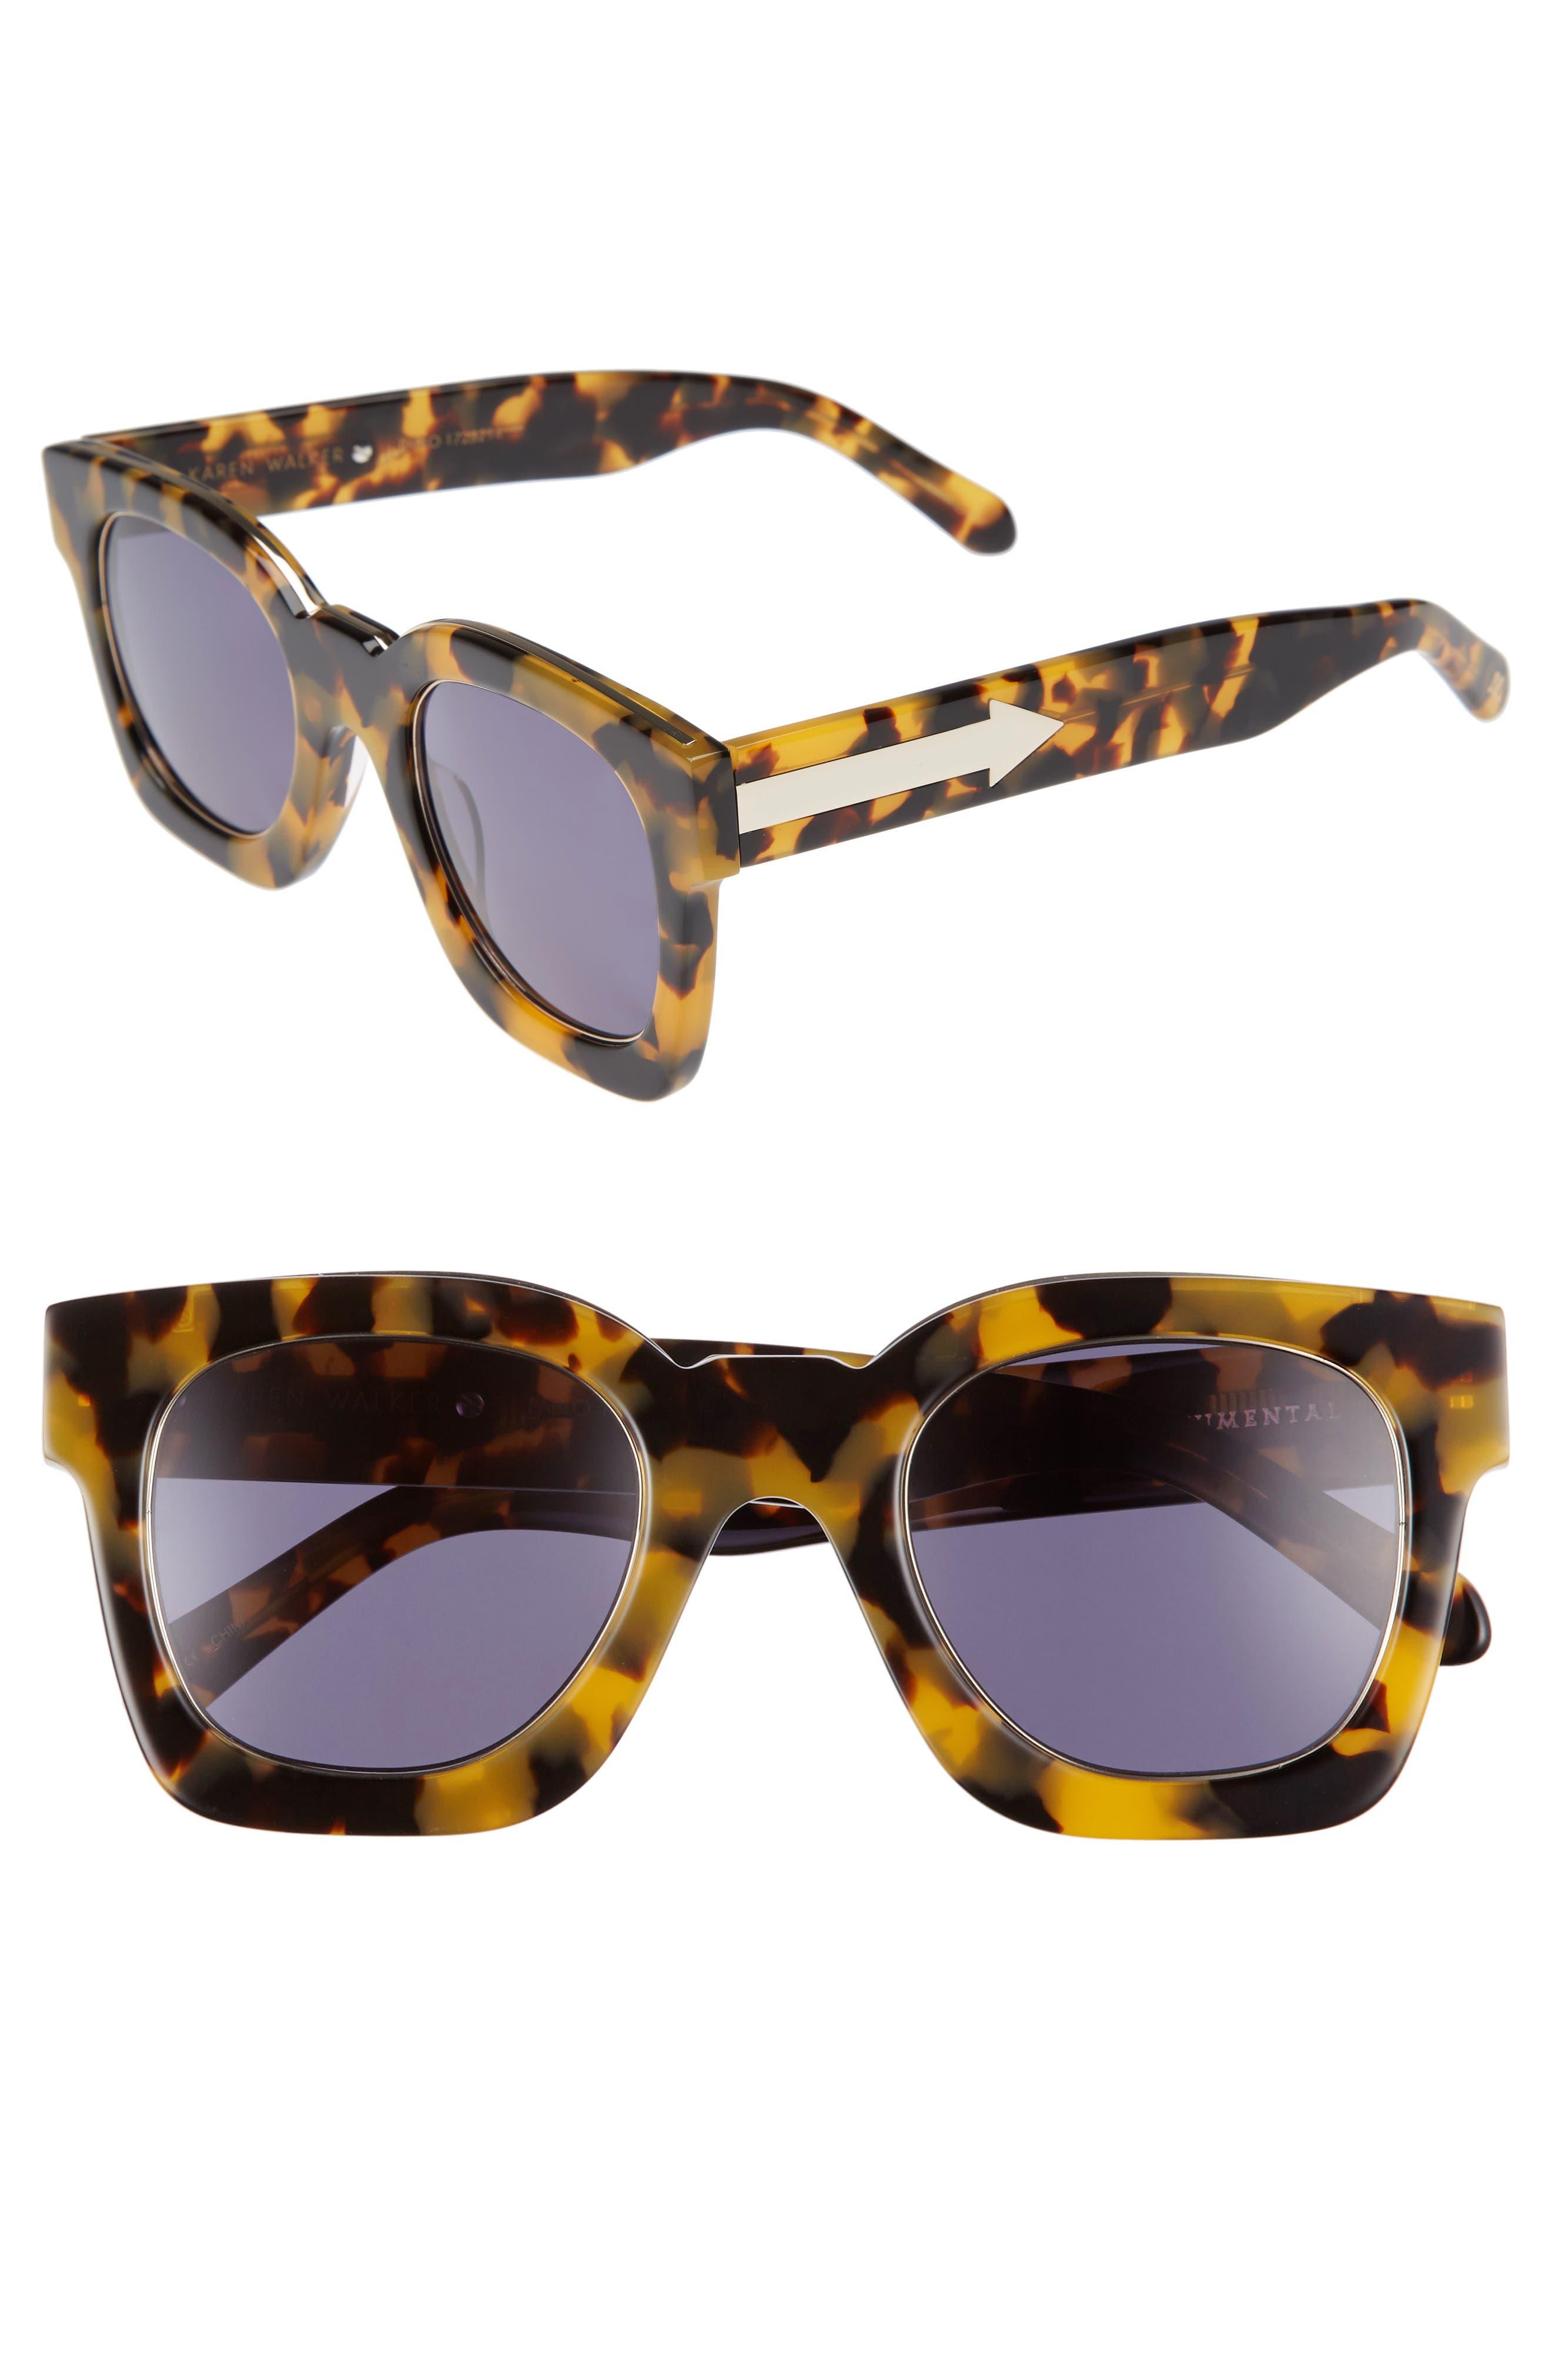 Alternate Image 1 Selected - Karen Walker x Monumental Pablo 50mm Polarized Sunglasses